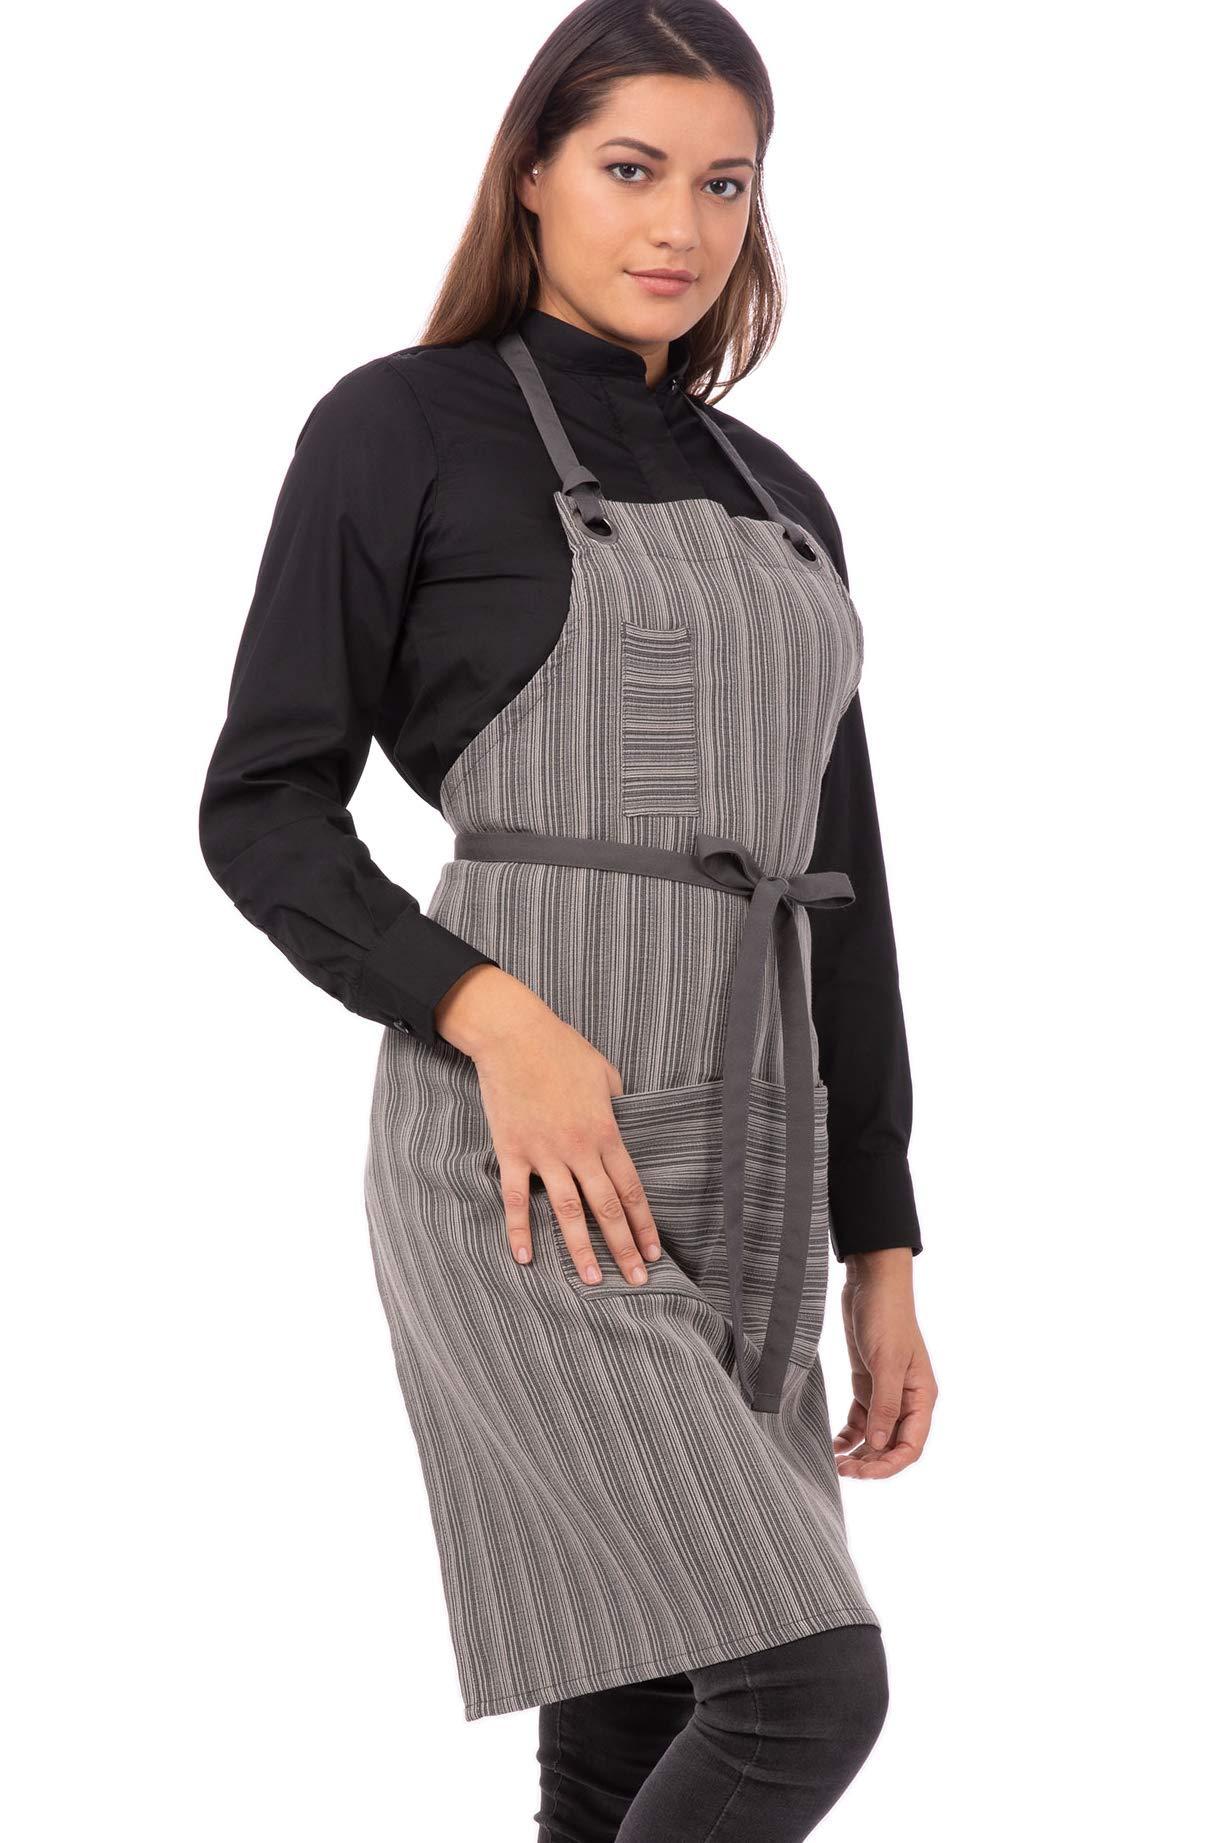 Chef Works Unisex Brooklyn Bib Apron, Dark Gray, One Size by Chef Works